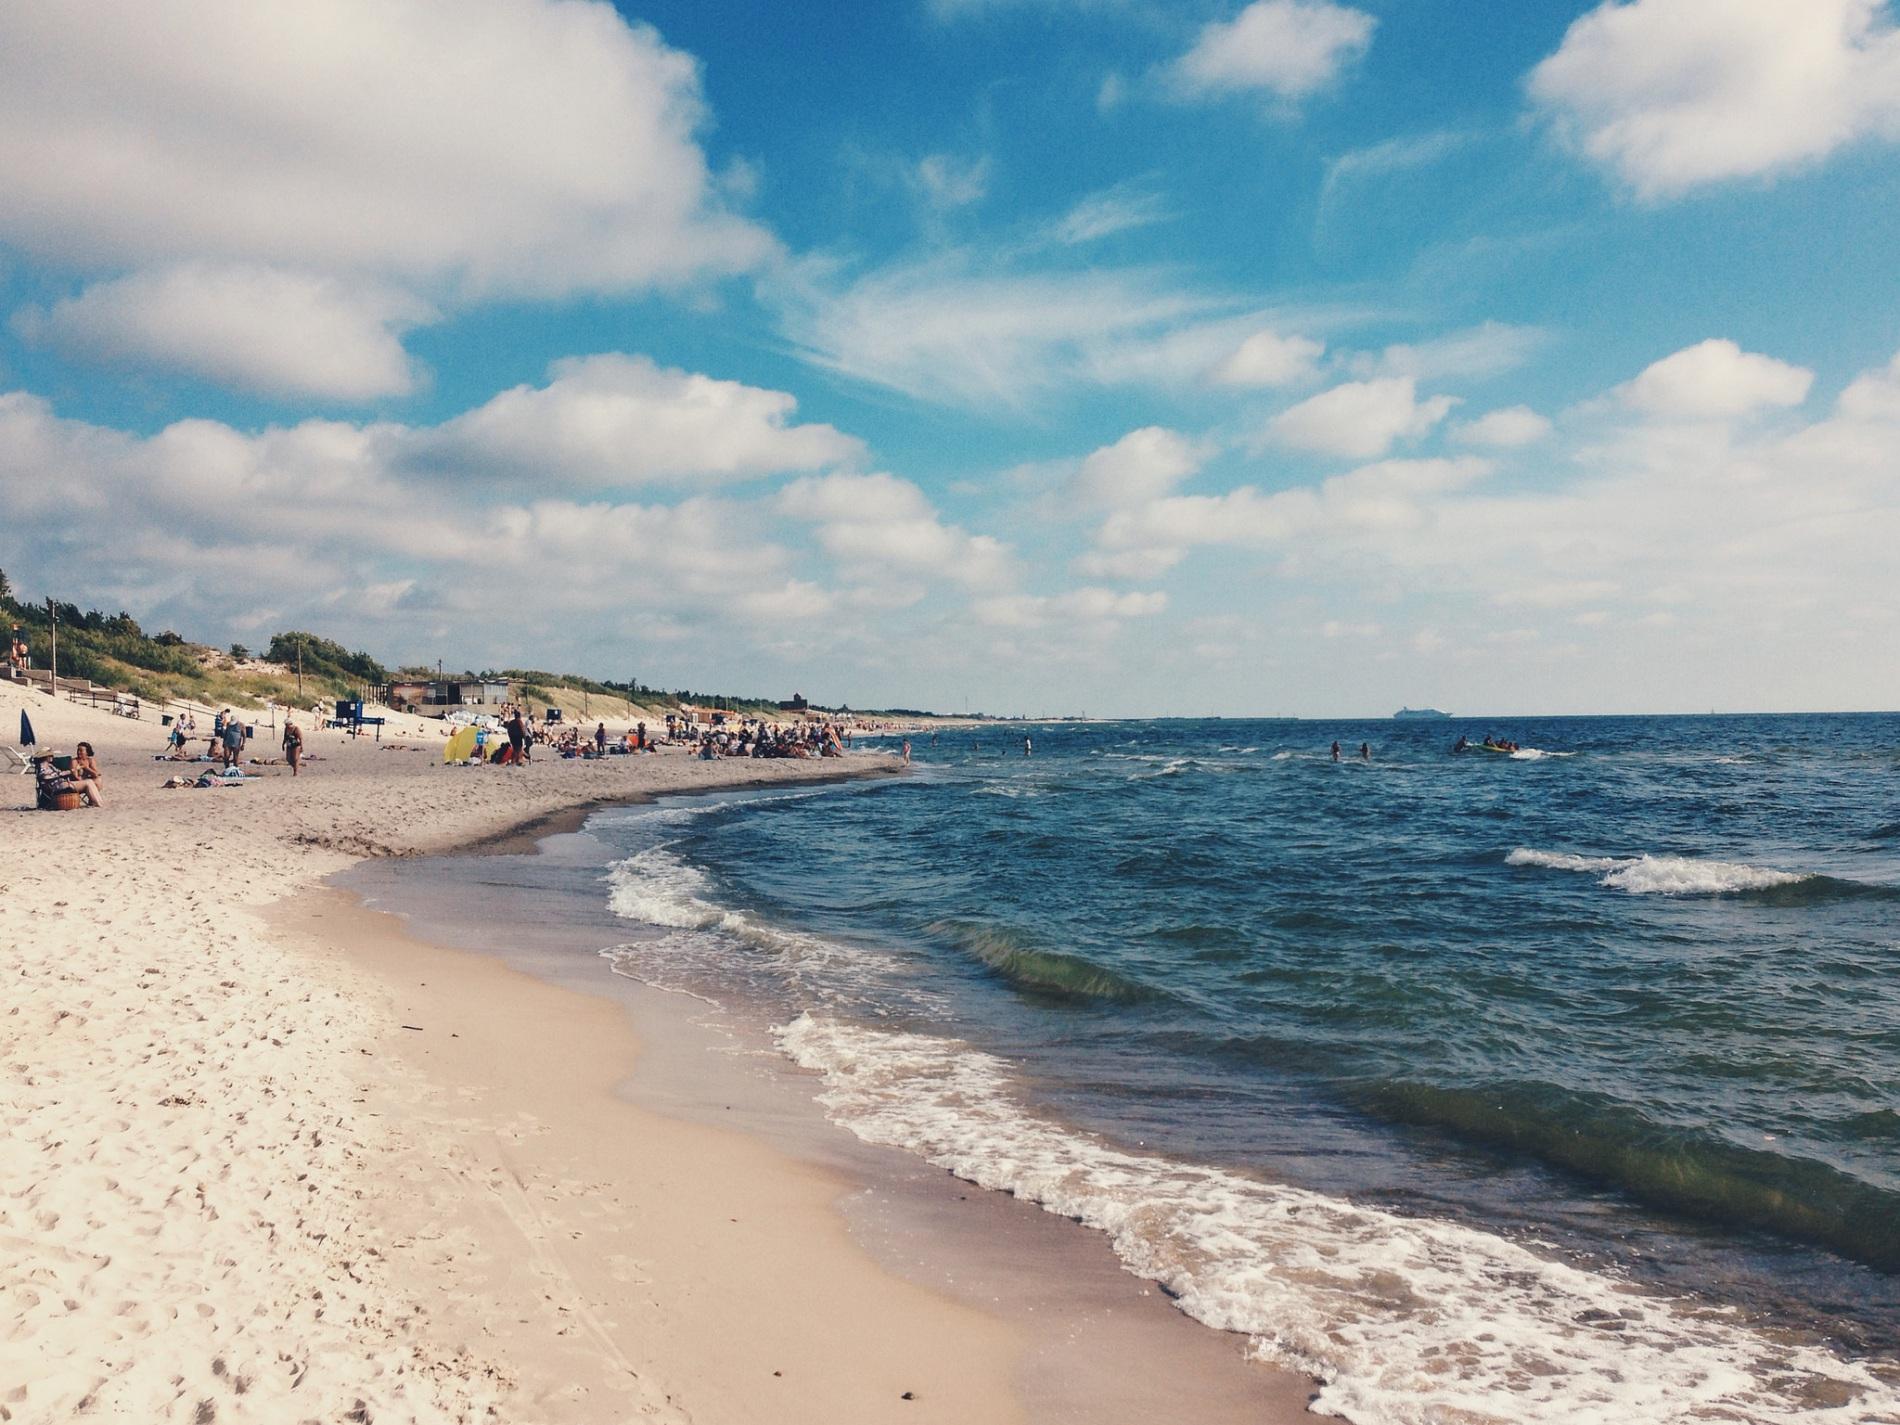 Пляж Клайпеды / Фото: flickr.com/tomaslaurinavicius